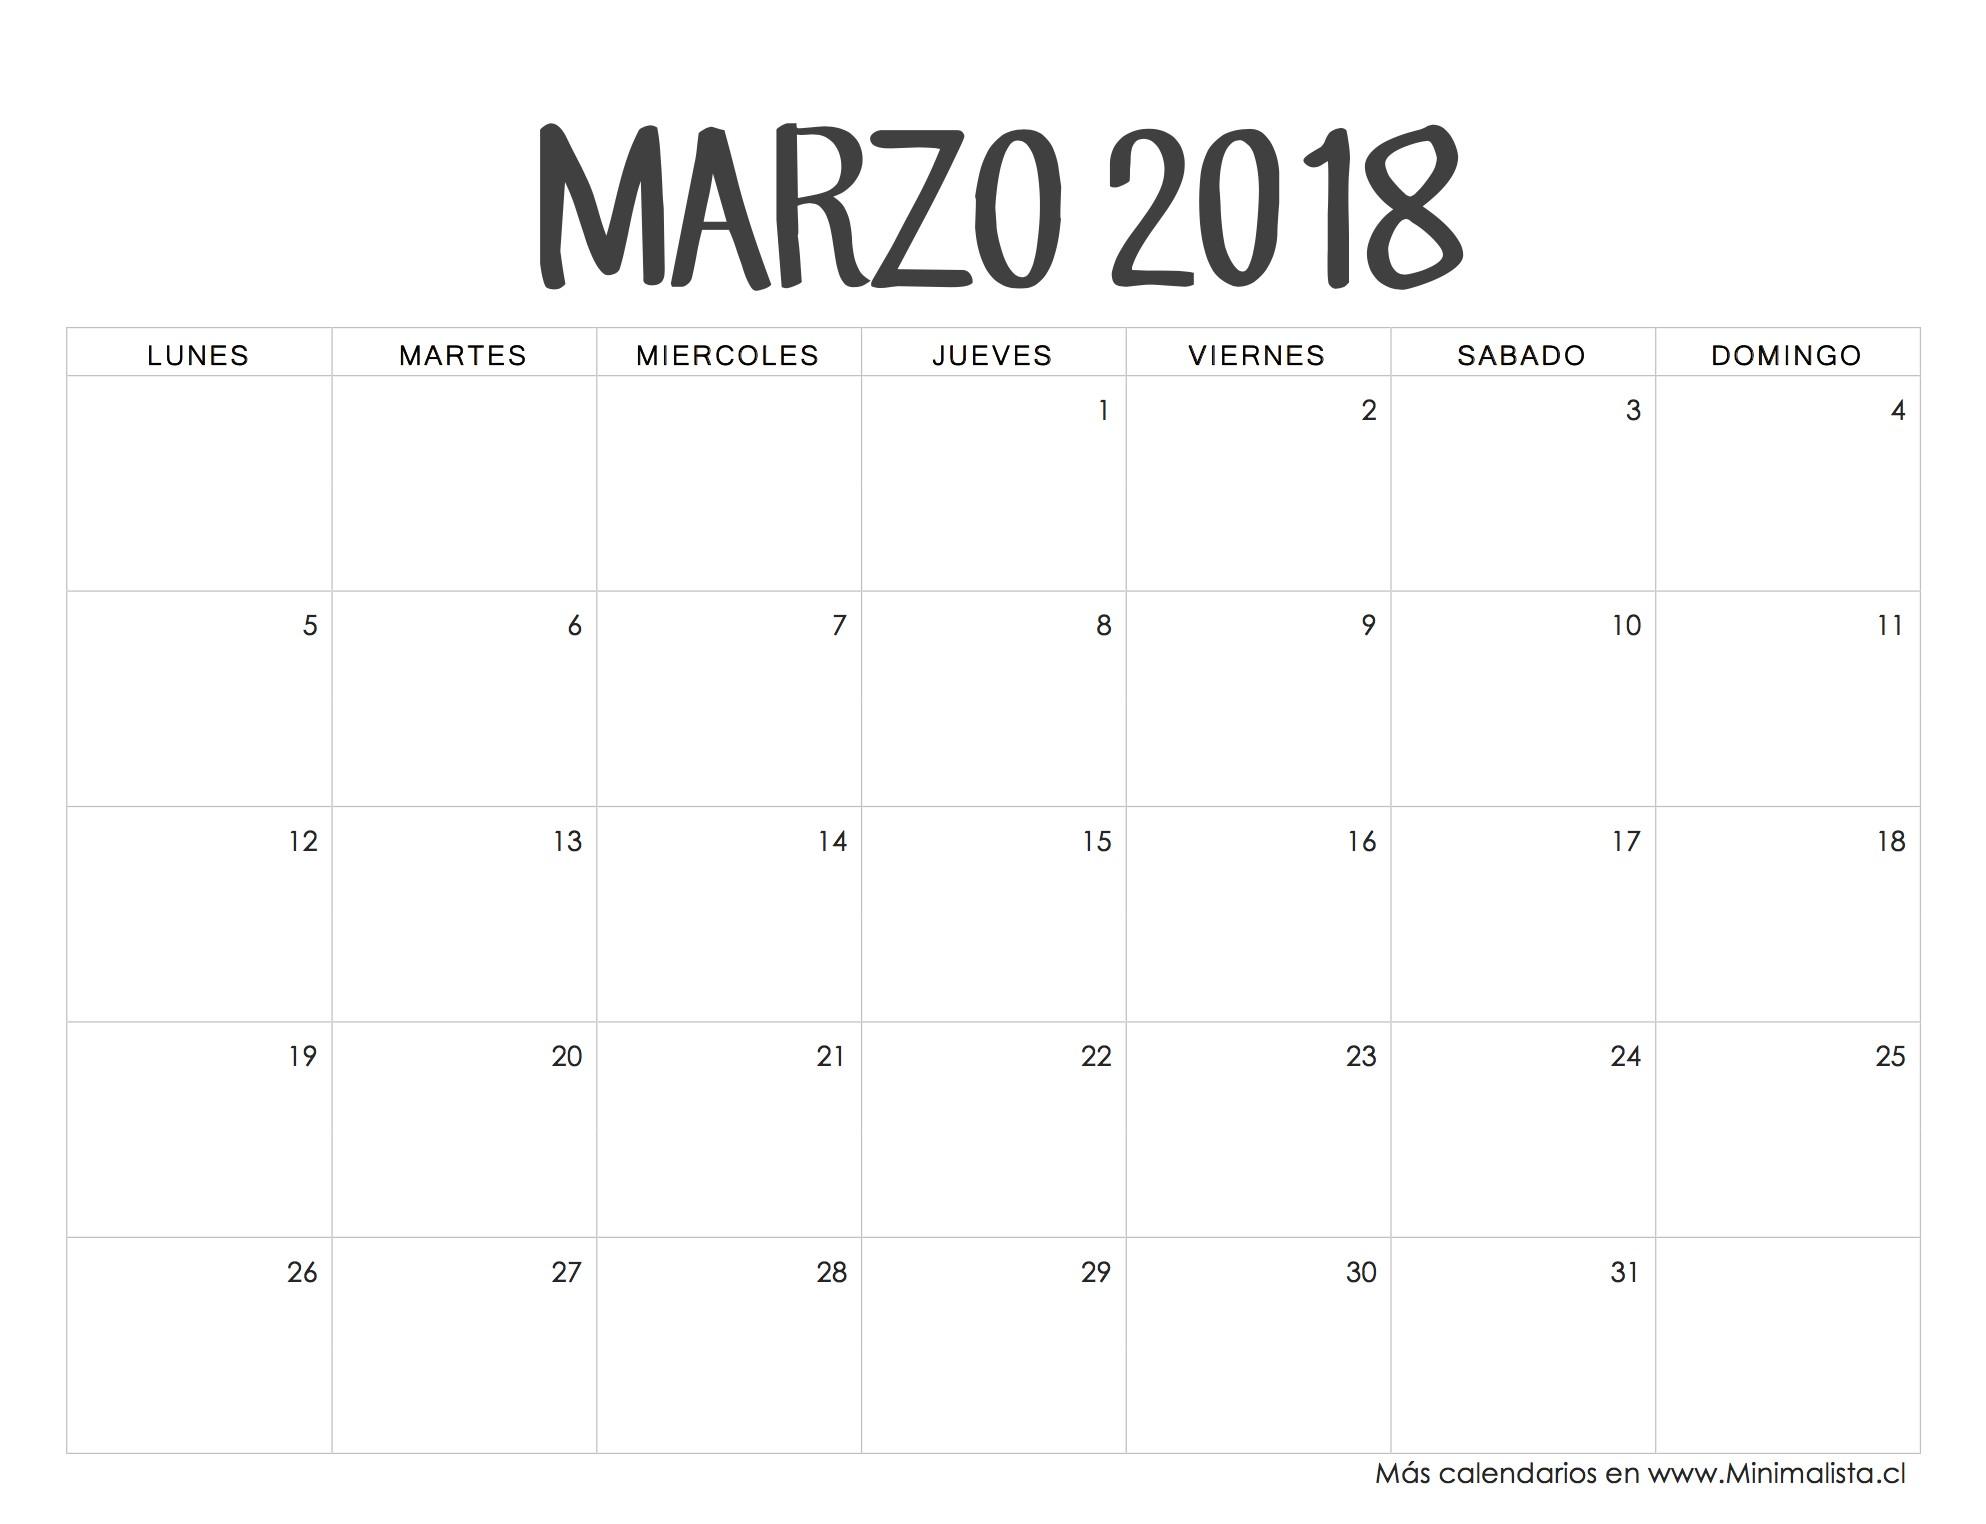 Calendario Abril Per Imprimir Recientes Mejores 32 Imágenes De Calendario En Pinterest En 2018 Of Calendario Abril Per Imprimir Más Reciente Eur Lex R3821 Es Eur Lex